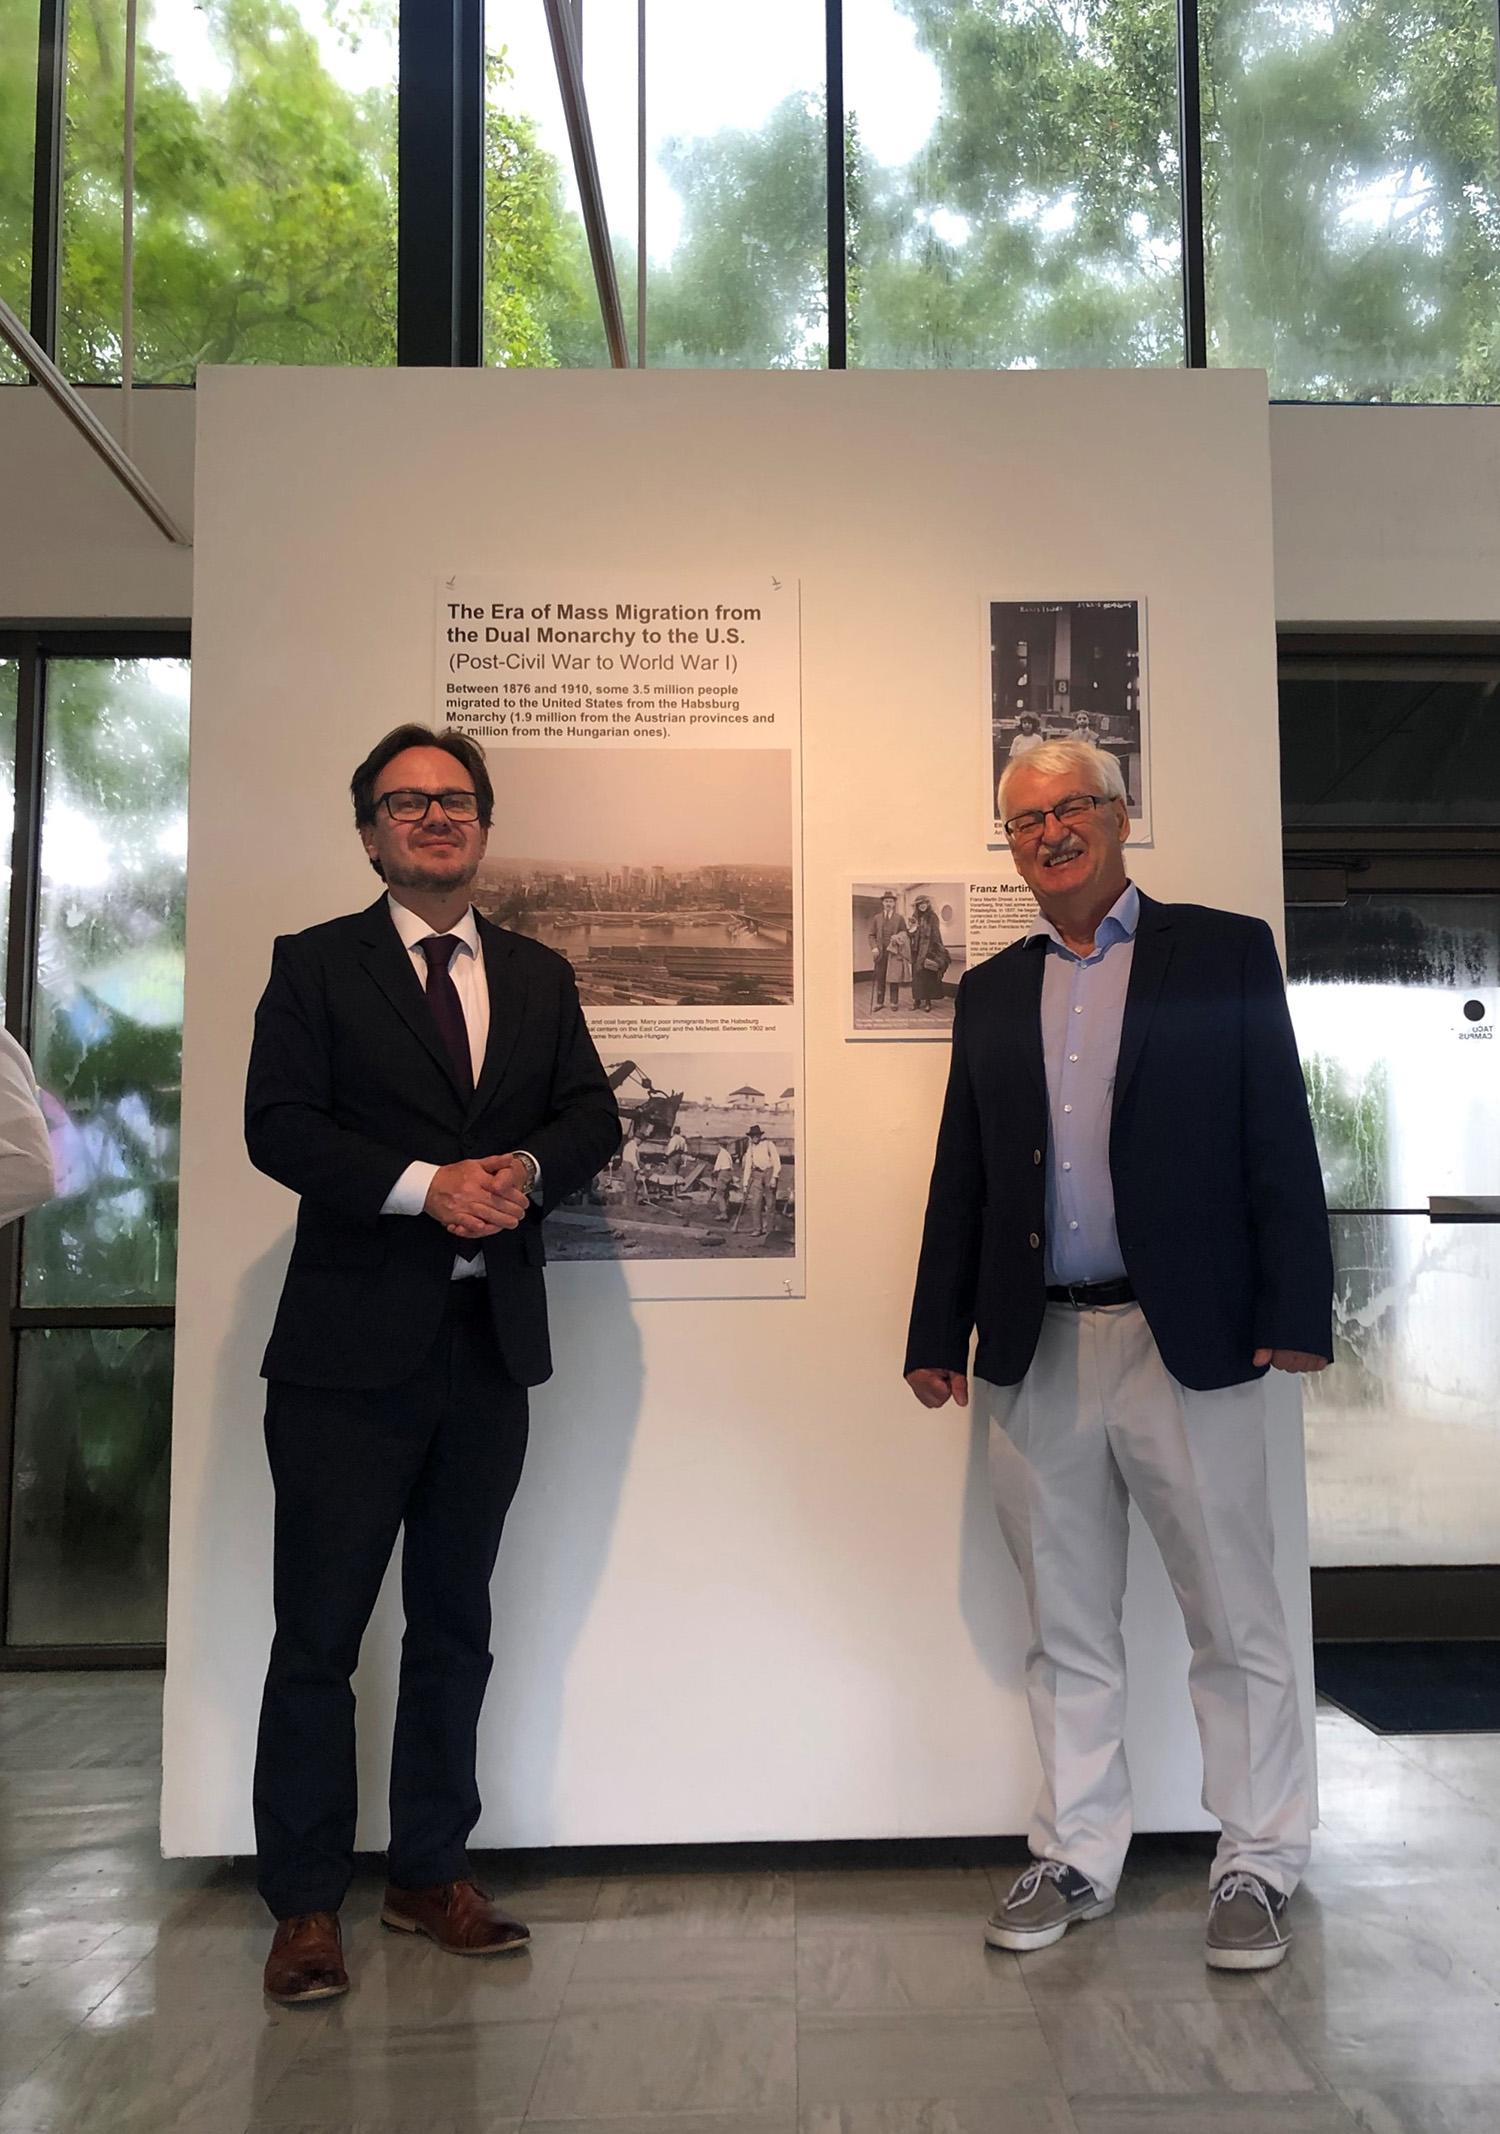 (From left:) Dr. Hannes Richter, Professor Günter Bischof